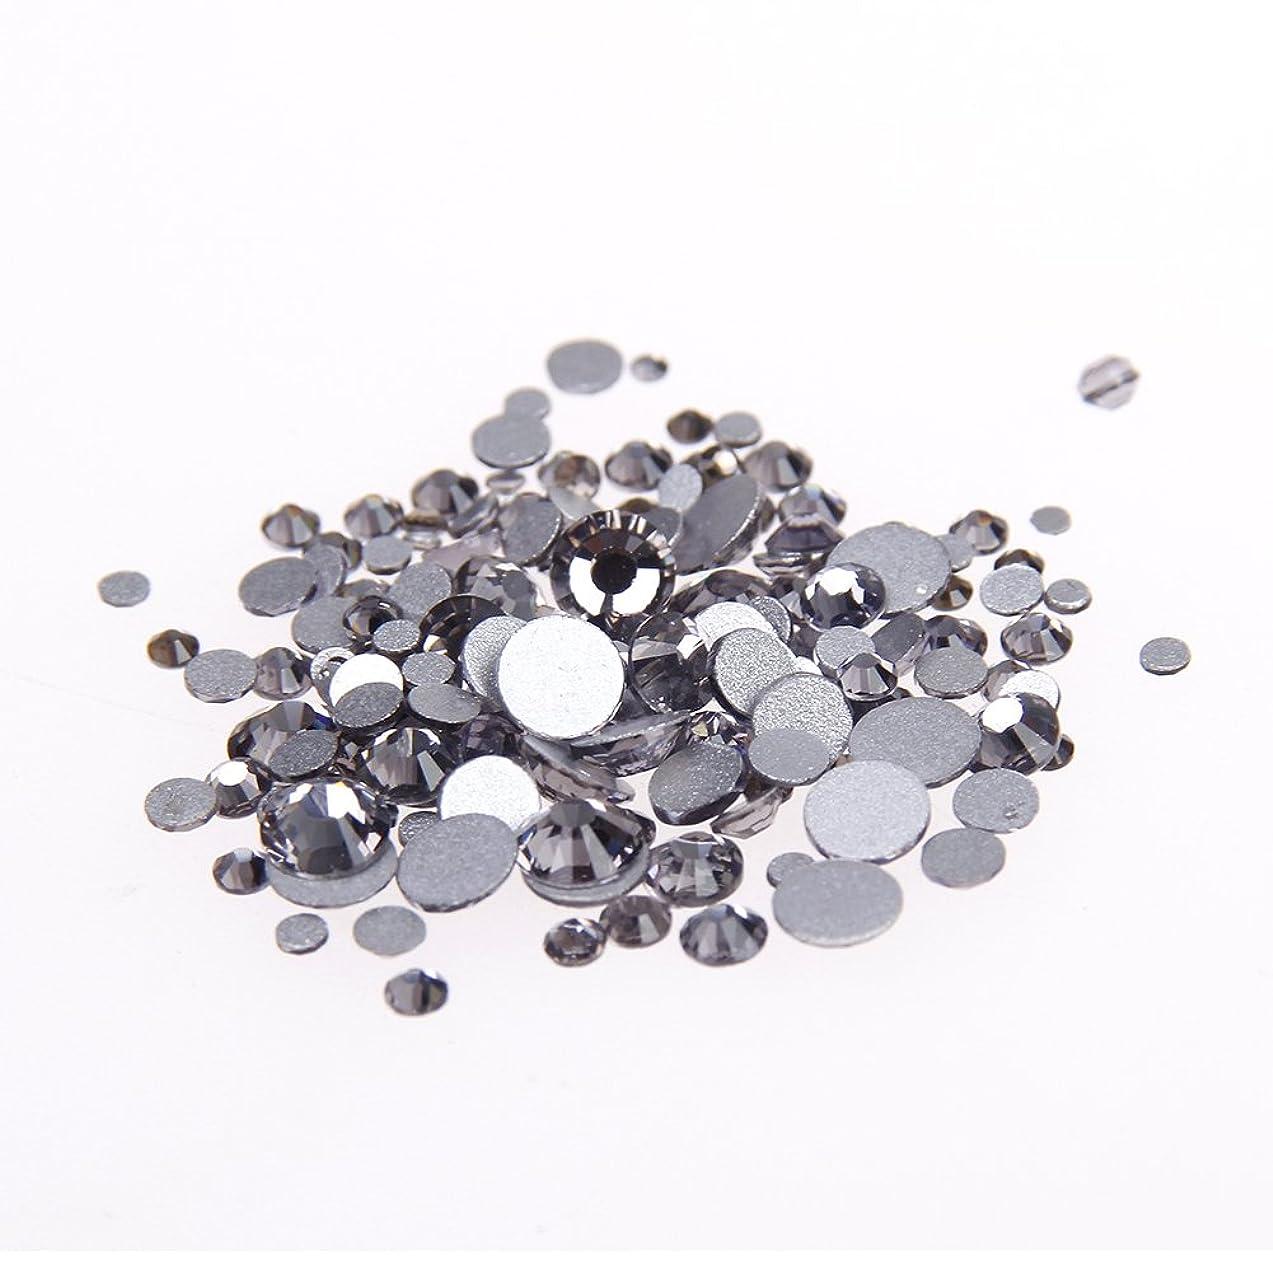 活性化するアルカイック設計図Nizi ジュエリー ブランド ブラックダイヤモンド ラインストーン は ガラスの材質 ネイル使用 型番ss3-ss34 (SS12 1440pcs)